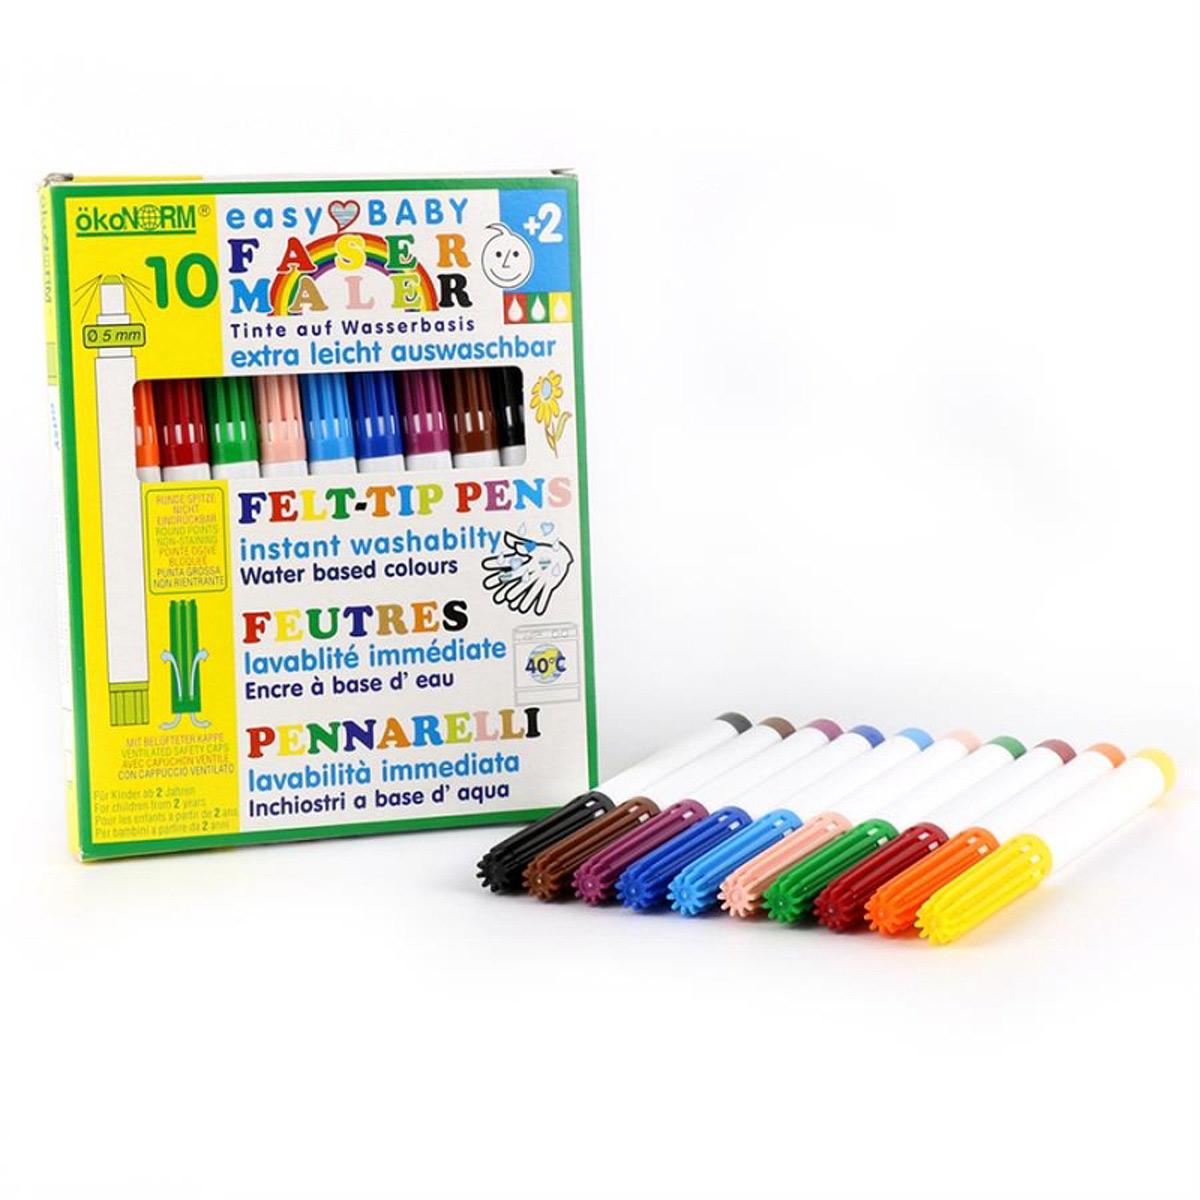 Ekologiska filtpennor för små barn ÖkoNorm